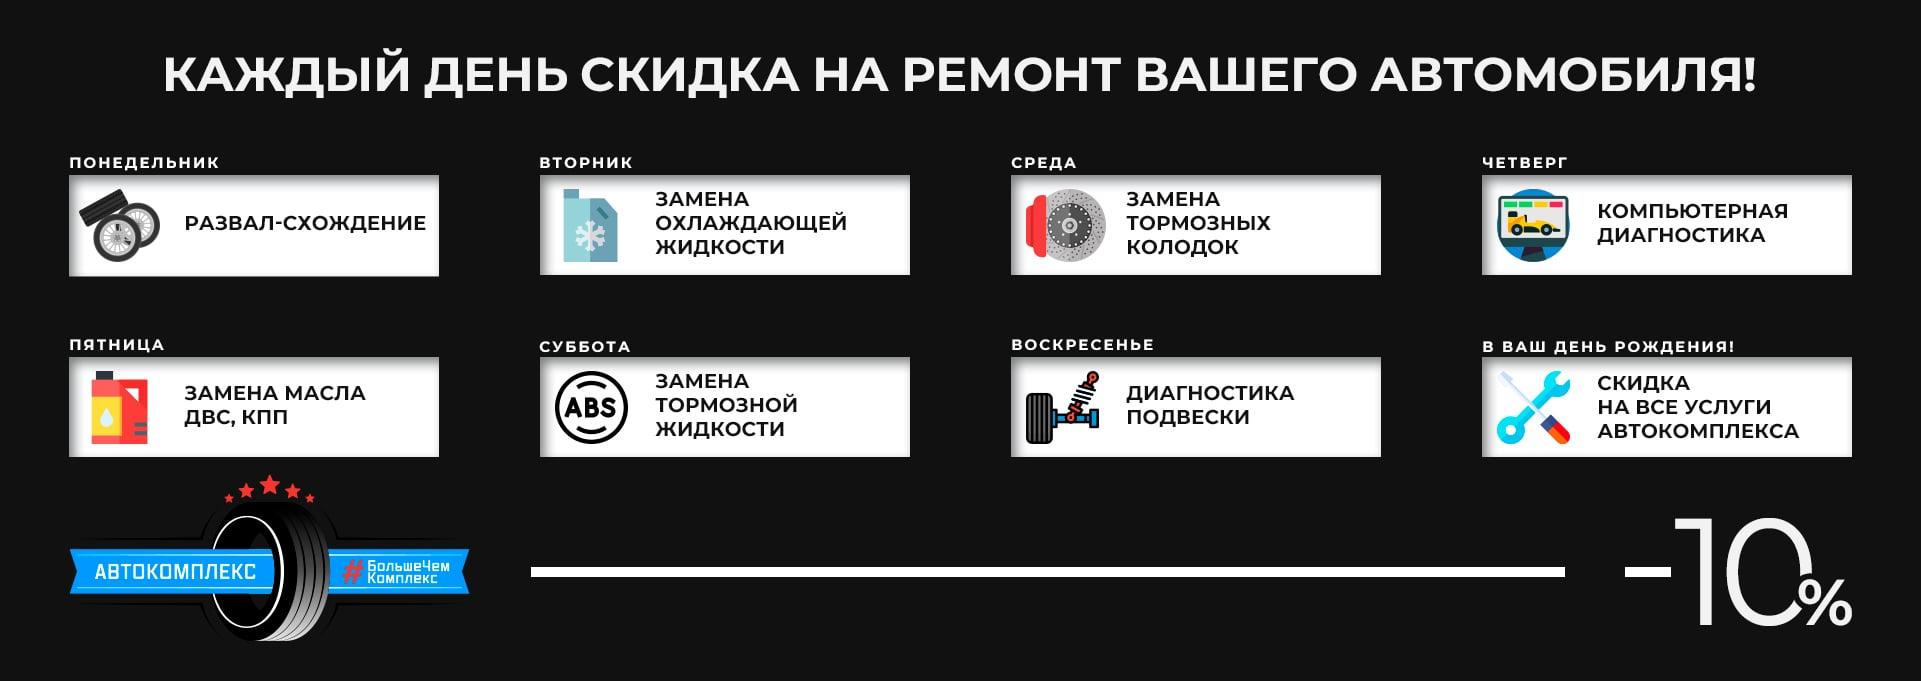 Скидки каждый день | Автокомплекс Кожухово Новокосино